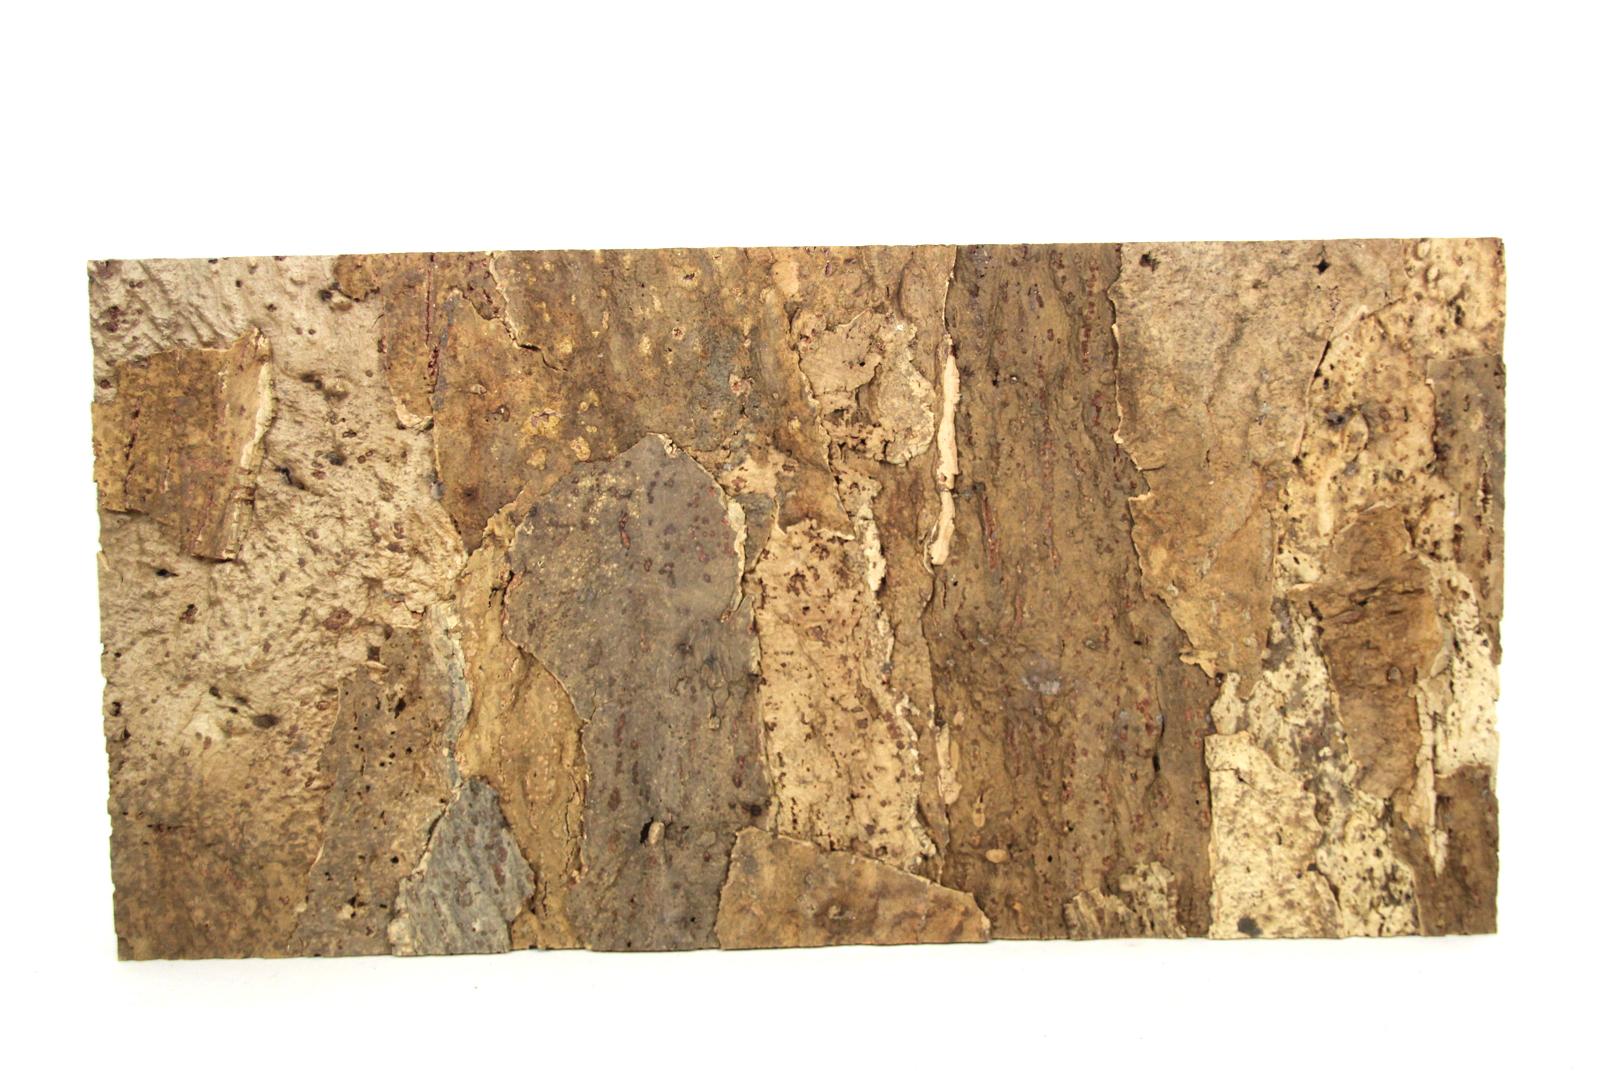 korkeiche rinde platte auf kork natur 30x60 cm terrarium garten wohnung pinnwand ebay. Black Bedroom Furniture Sets. Home Design Ideas